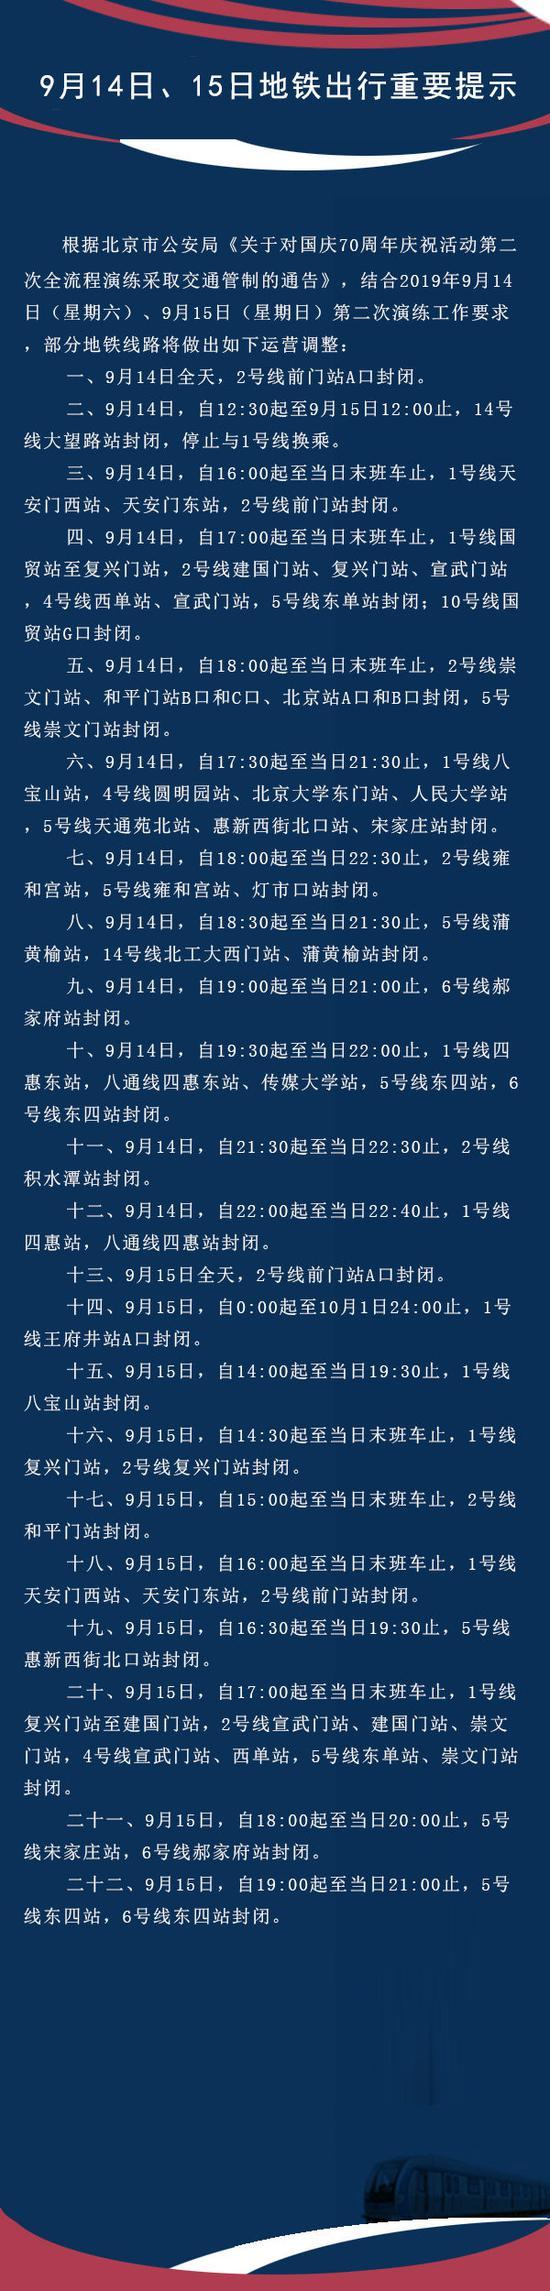 http://www.store4car.com/zhengwu/981884.html